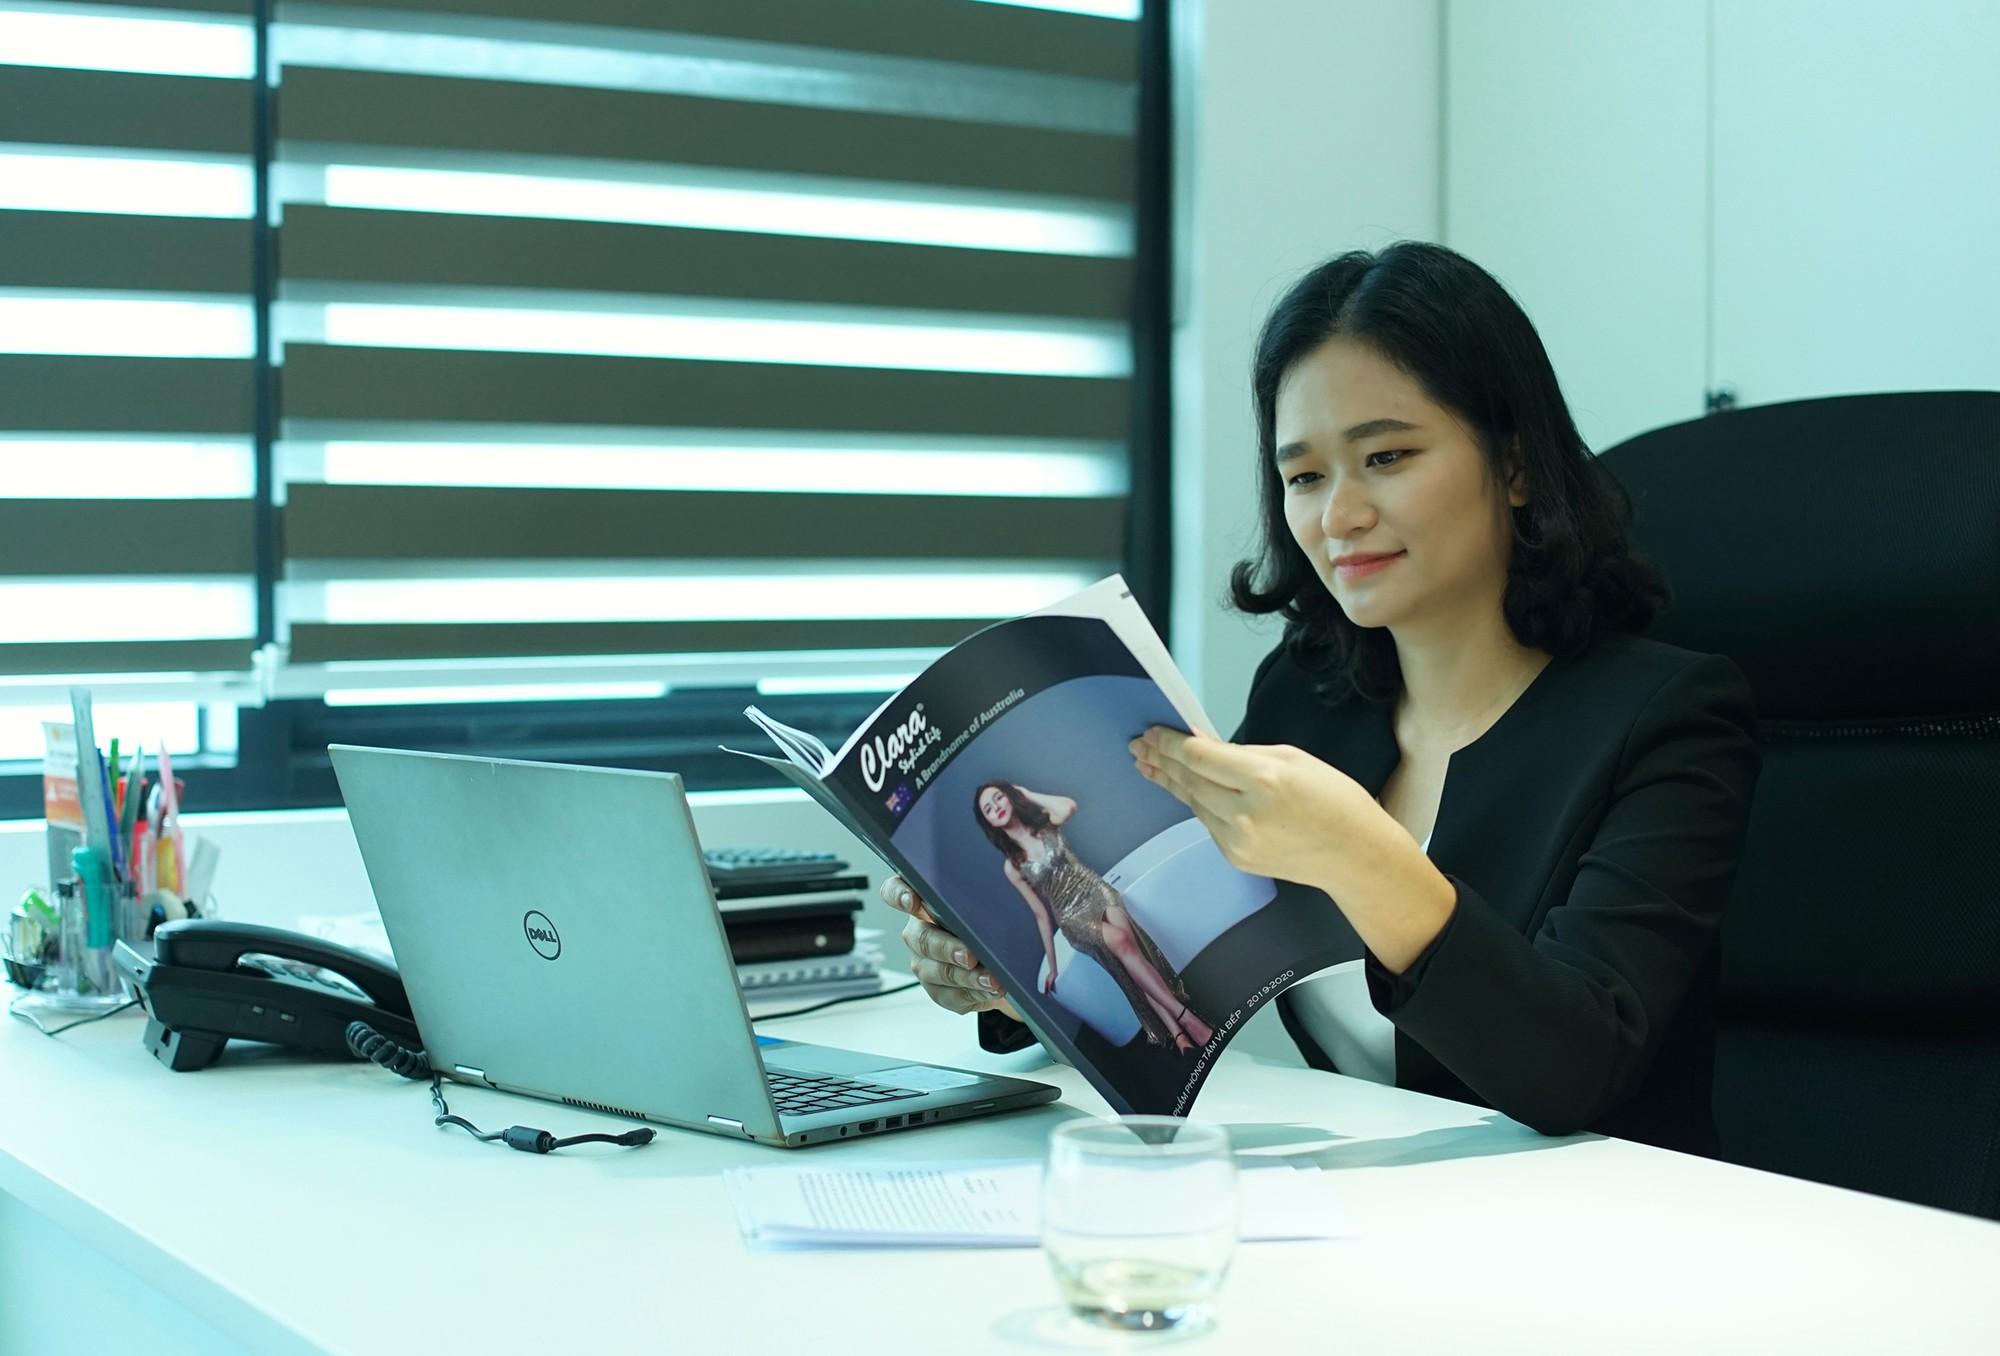 Đối đầu thử thách, tạo dựng sự khác biệt, phục vụ mọi người - tố chất thành công của thế hệ doanh nhân mới? - Ảnh 5.